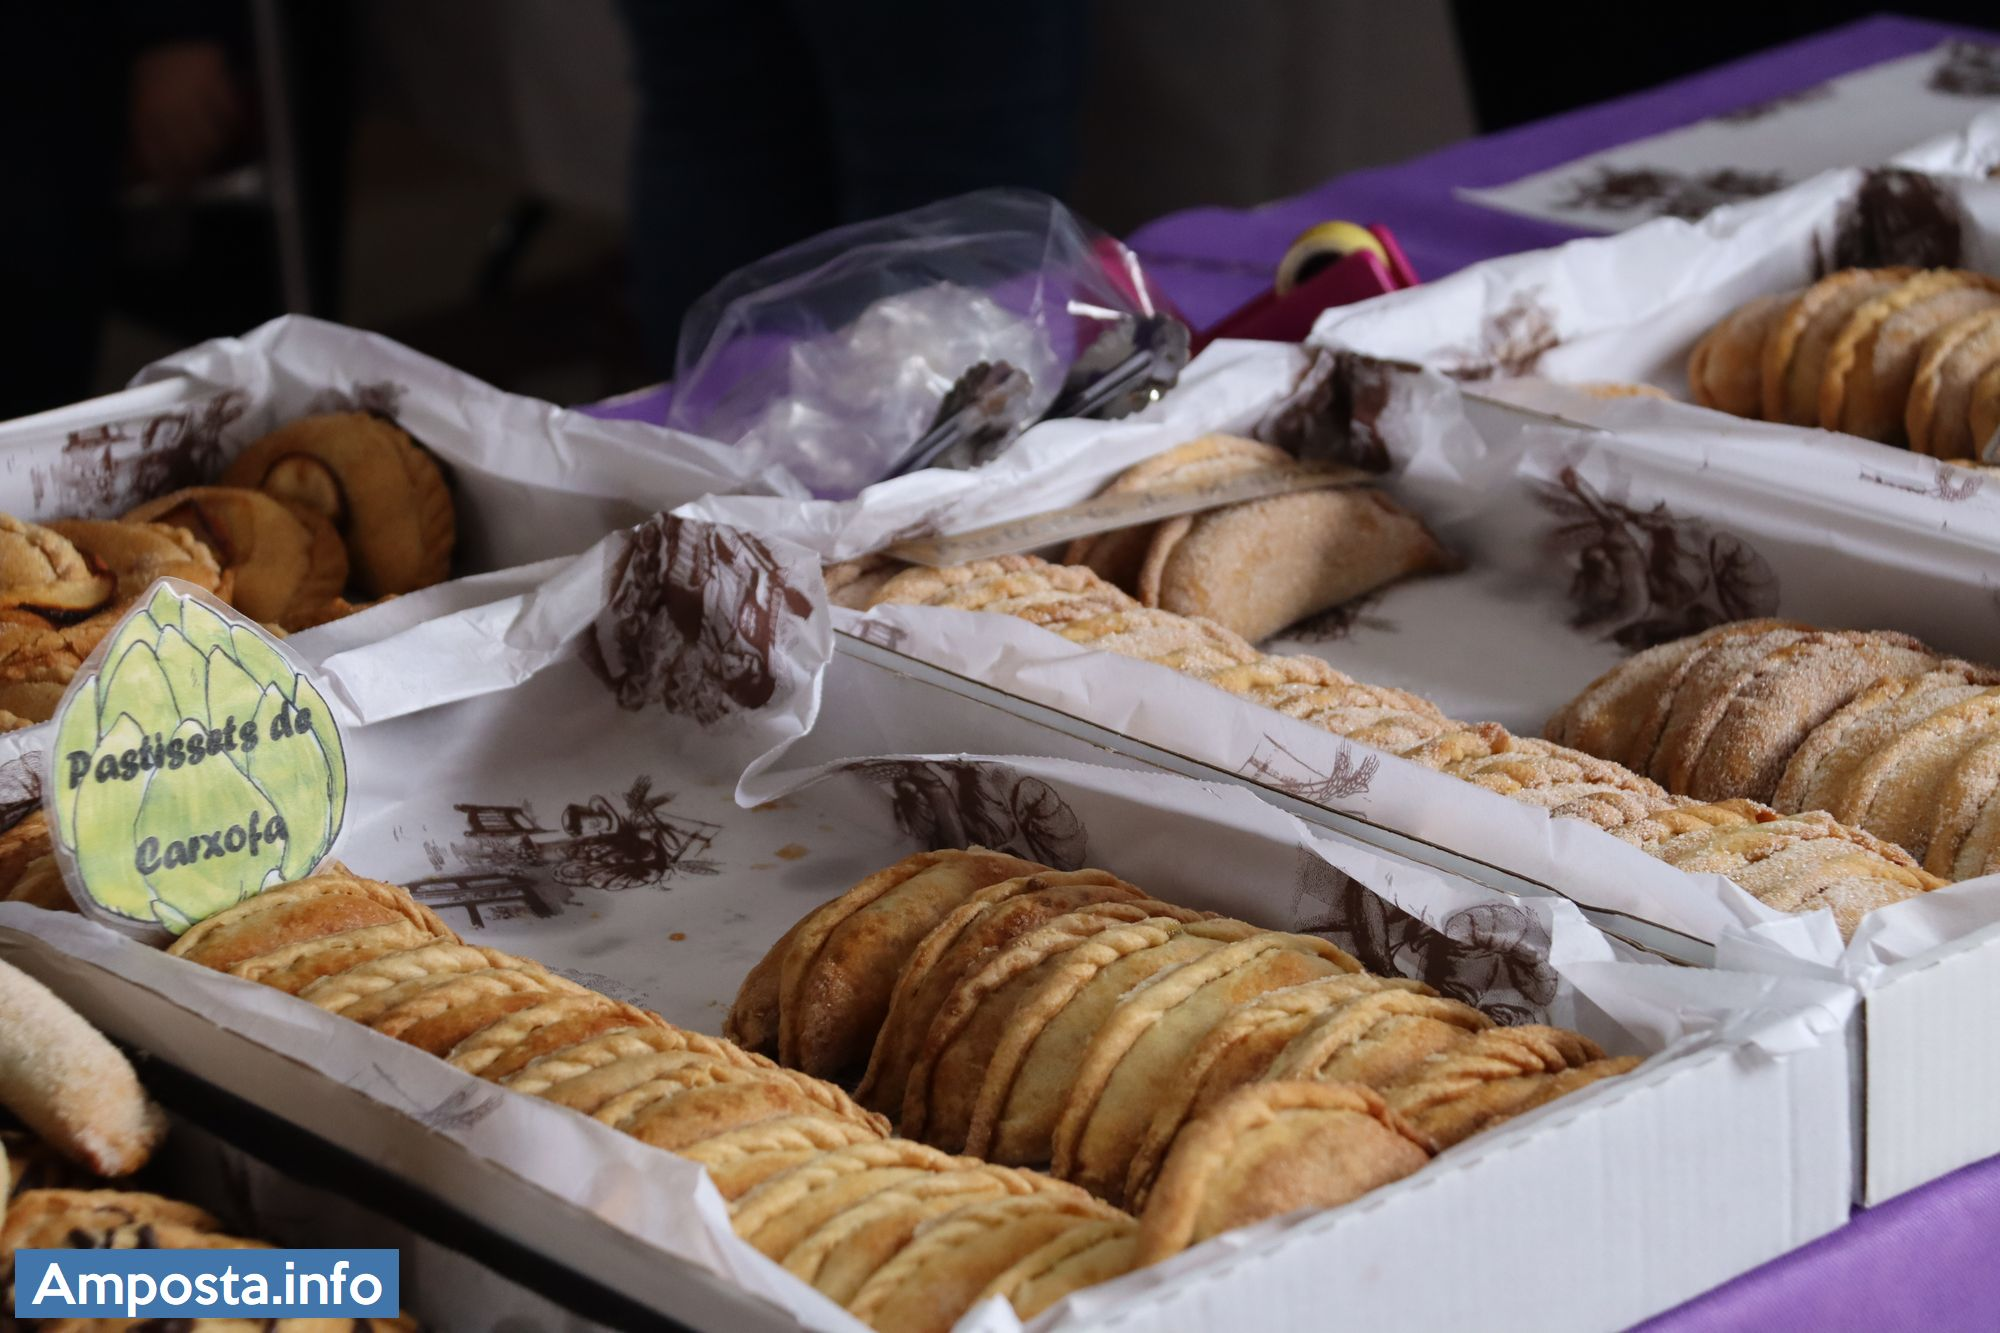 La Festa de la Carxofa i de l'Arròs d'Amposta serveix més de 6.000 degustacions